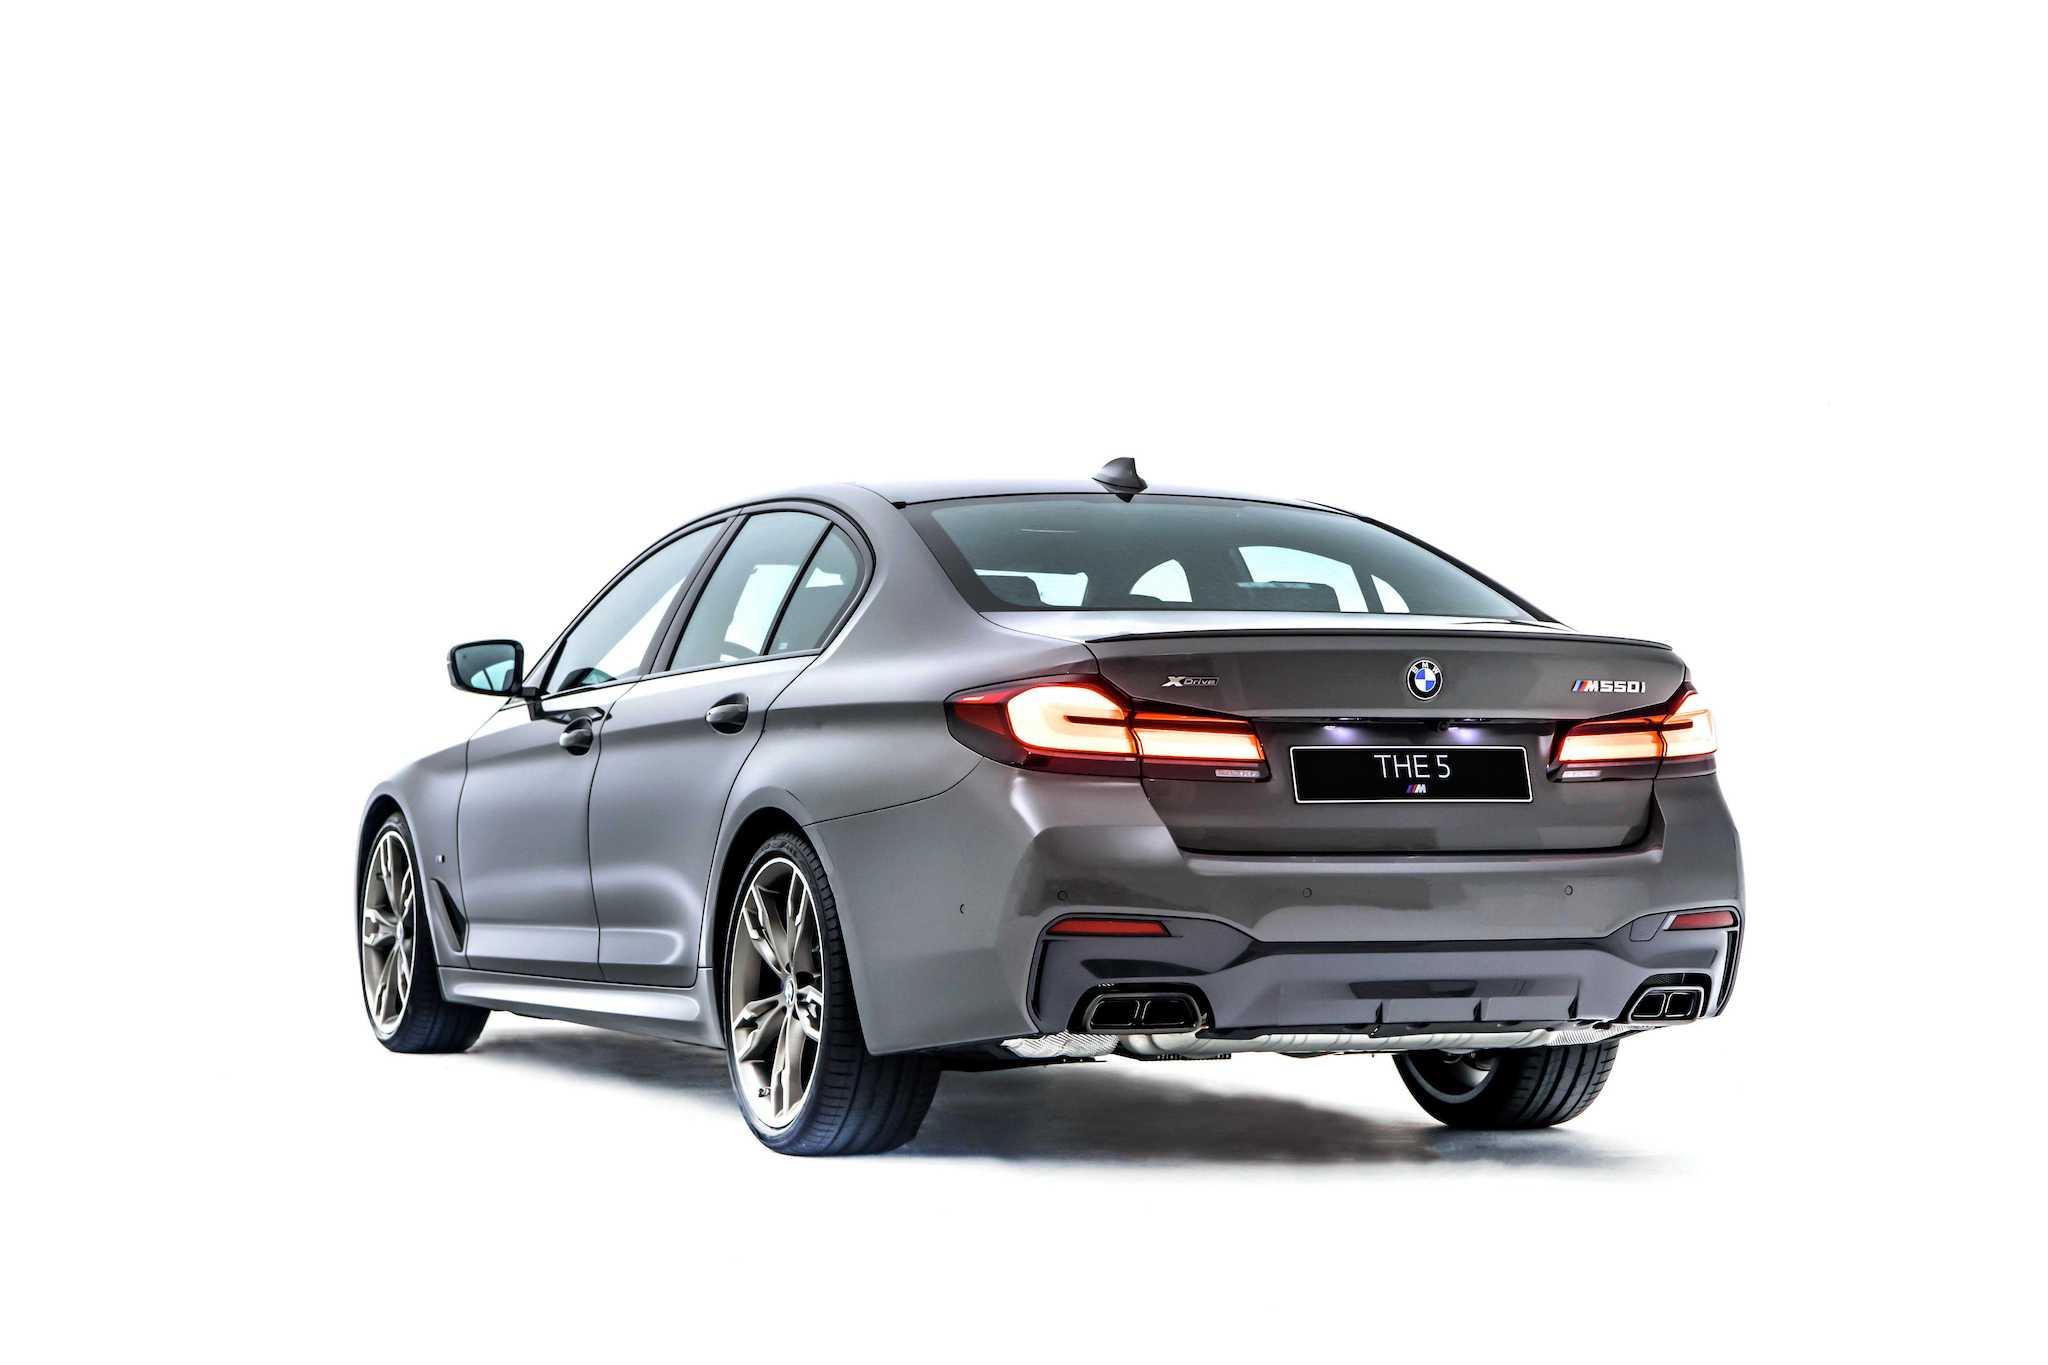 BMW M550i 與車身同色的後擾流尾翼、黑色高光澤後下擾流,黑色鍍鉻雙邊矩形排氣尾管與燻黑3D立體尾燈。